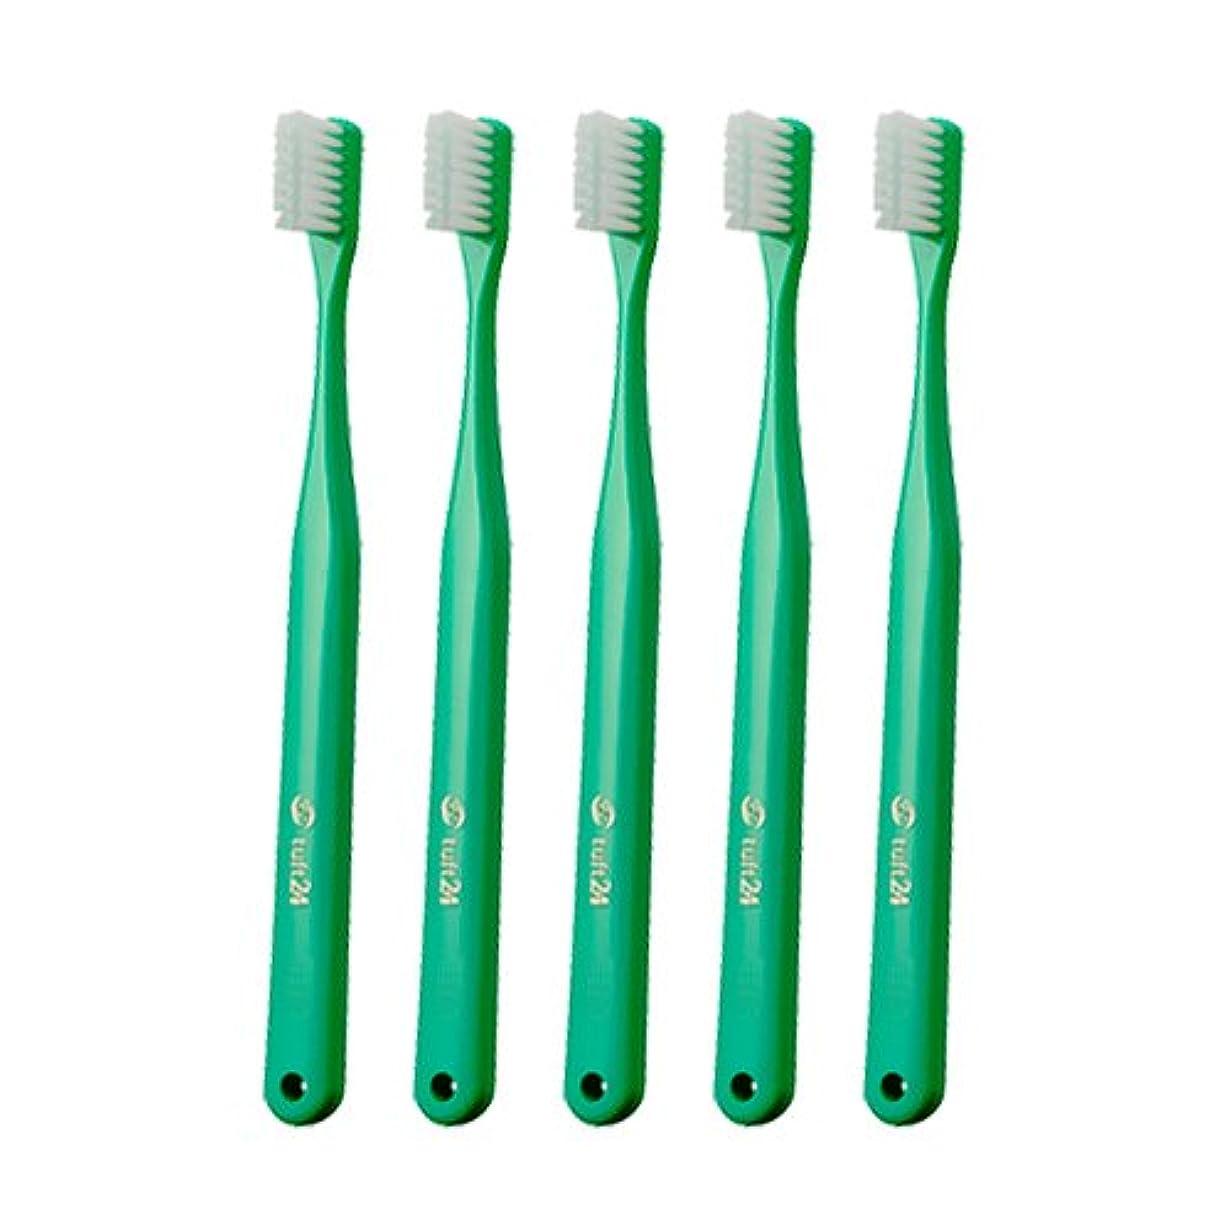 精神知覚頻繁にキャップなし タフト24 歯ブラシ × 25本入 S グリーン